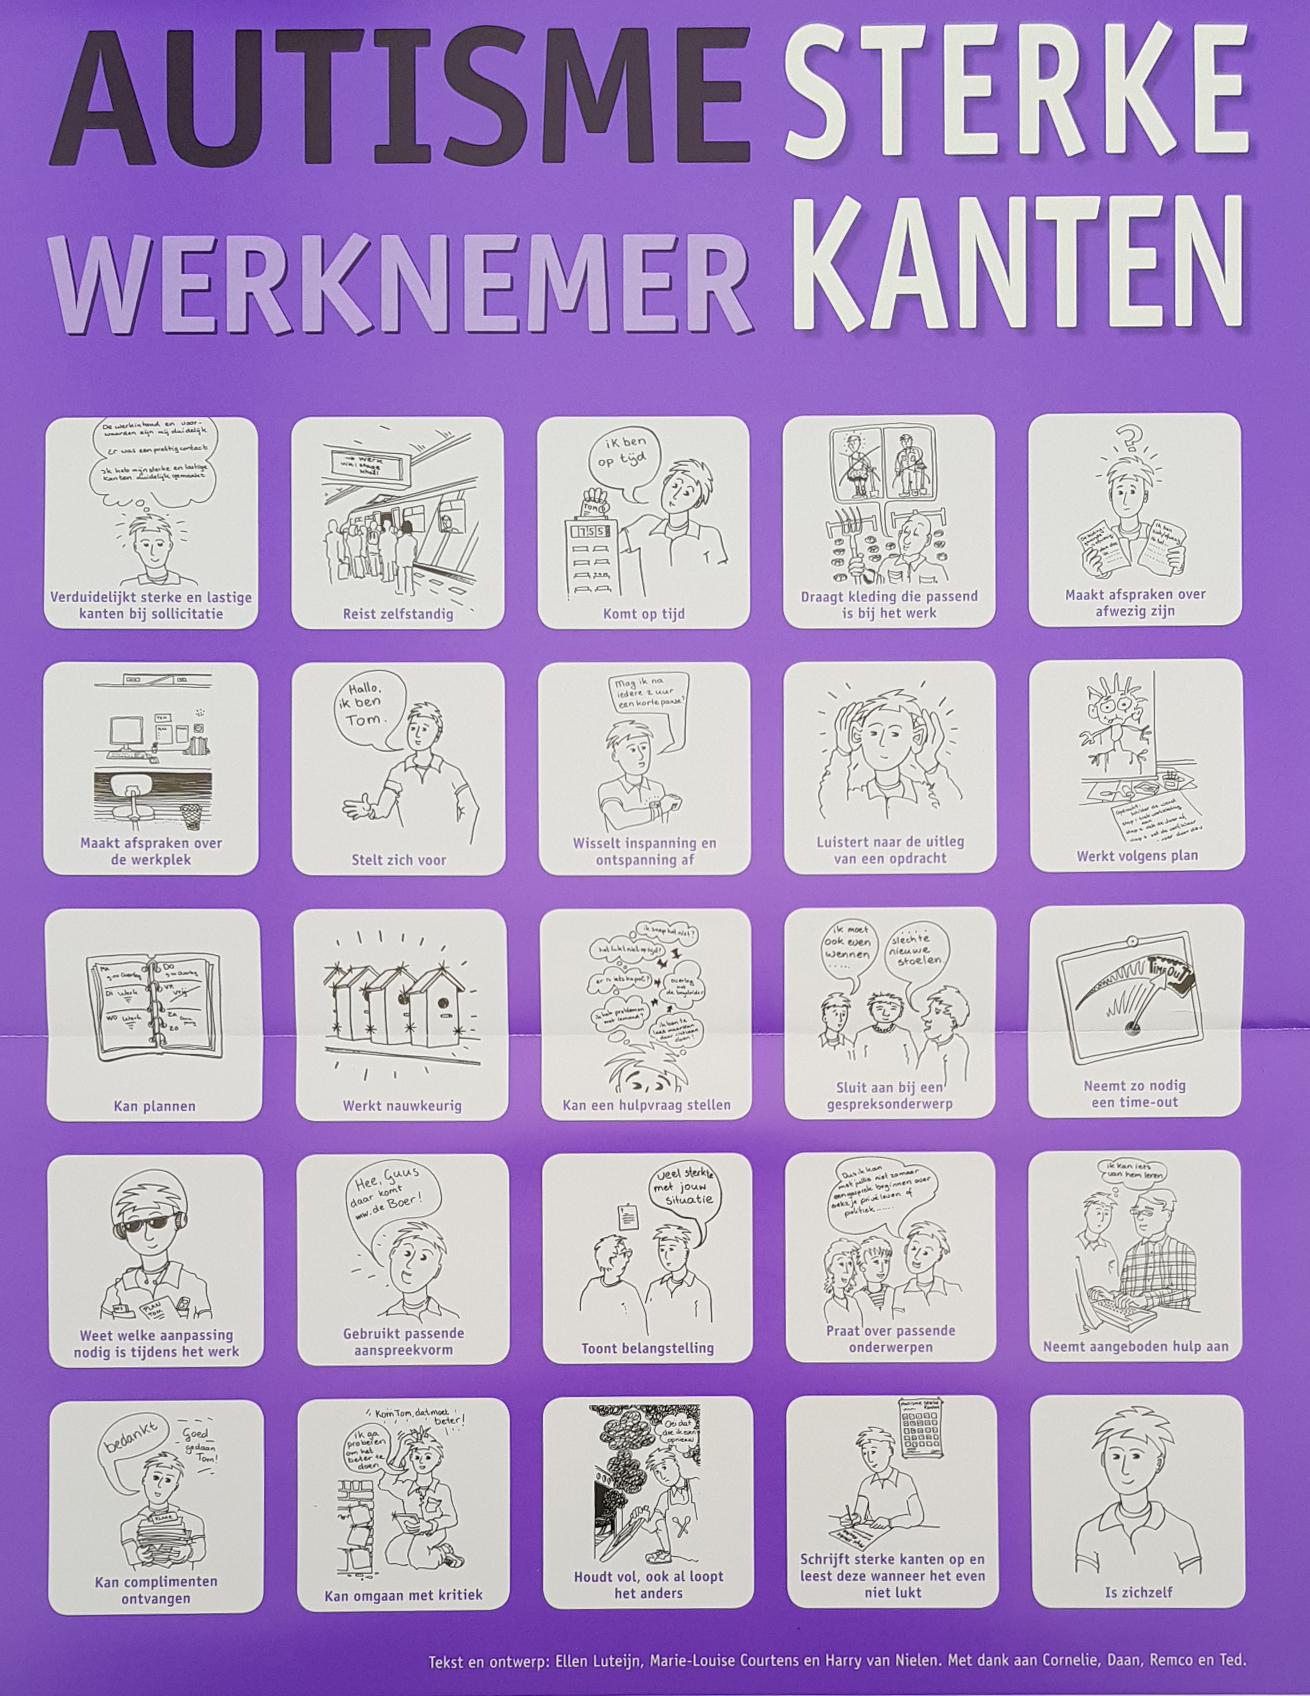 Super Poster Autisme sterke kanten (werknemer) - NVA regio Noord-Brabant &HR73